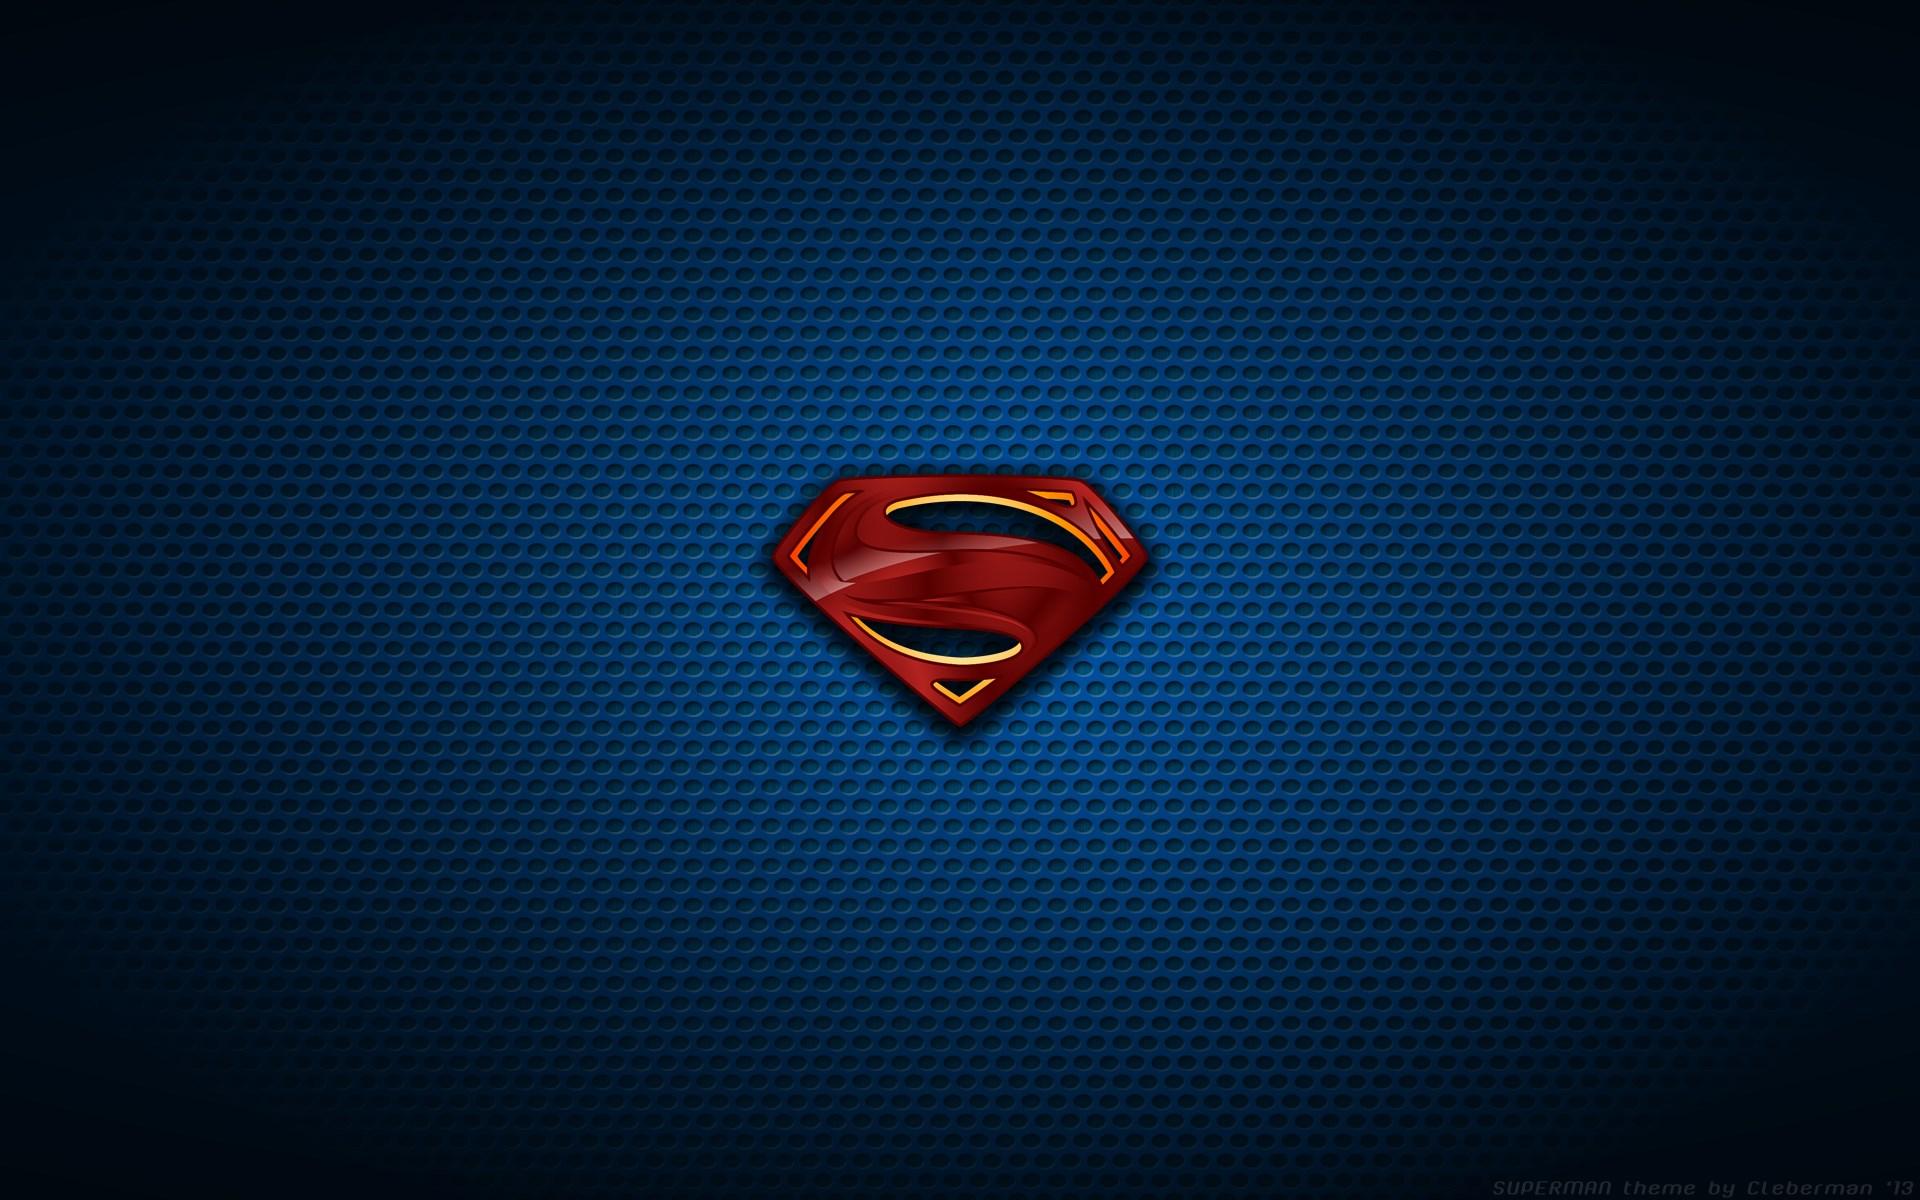 Superman Logo HD Wallpapers 1080p - WallpaperSafari